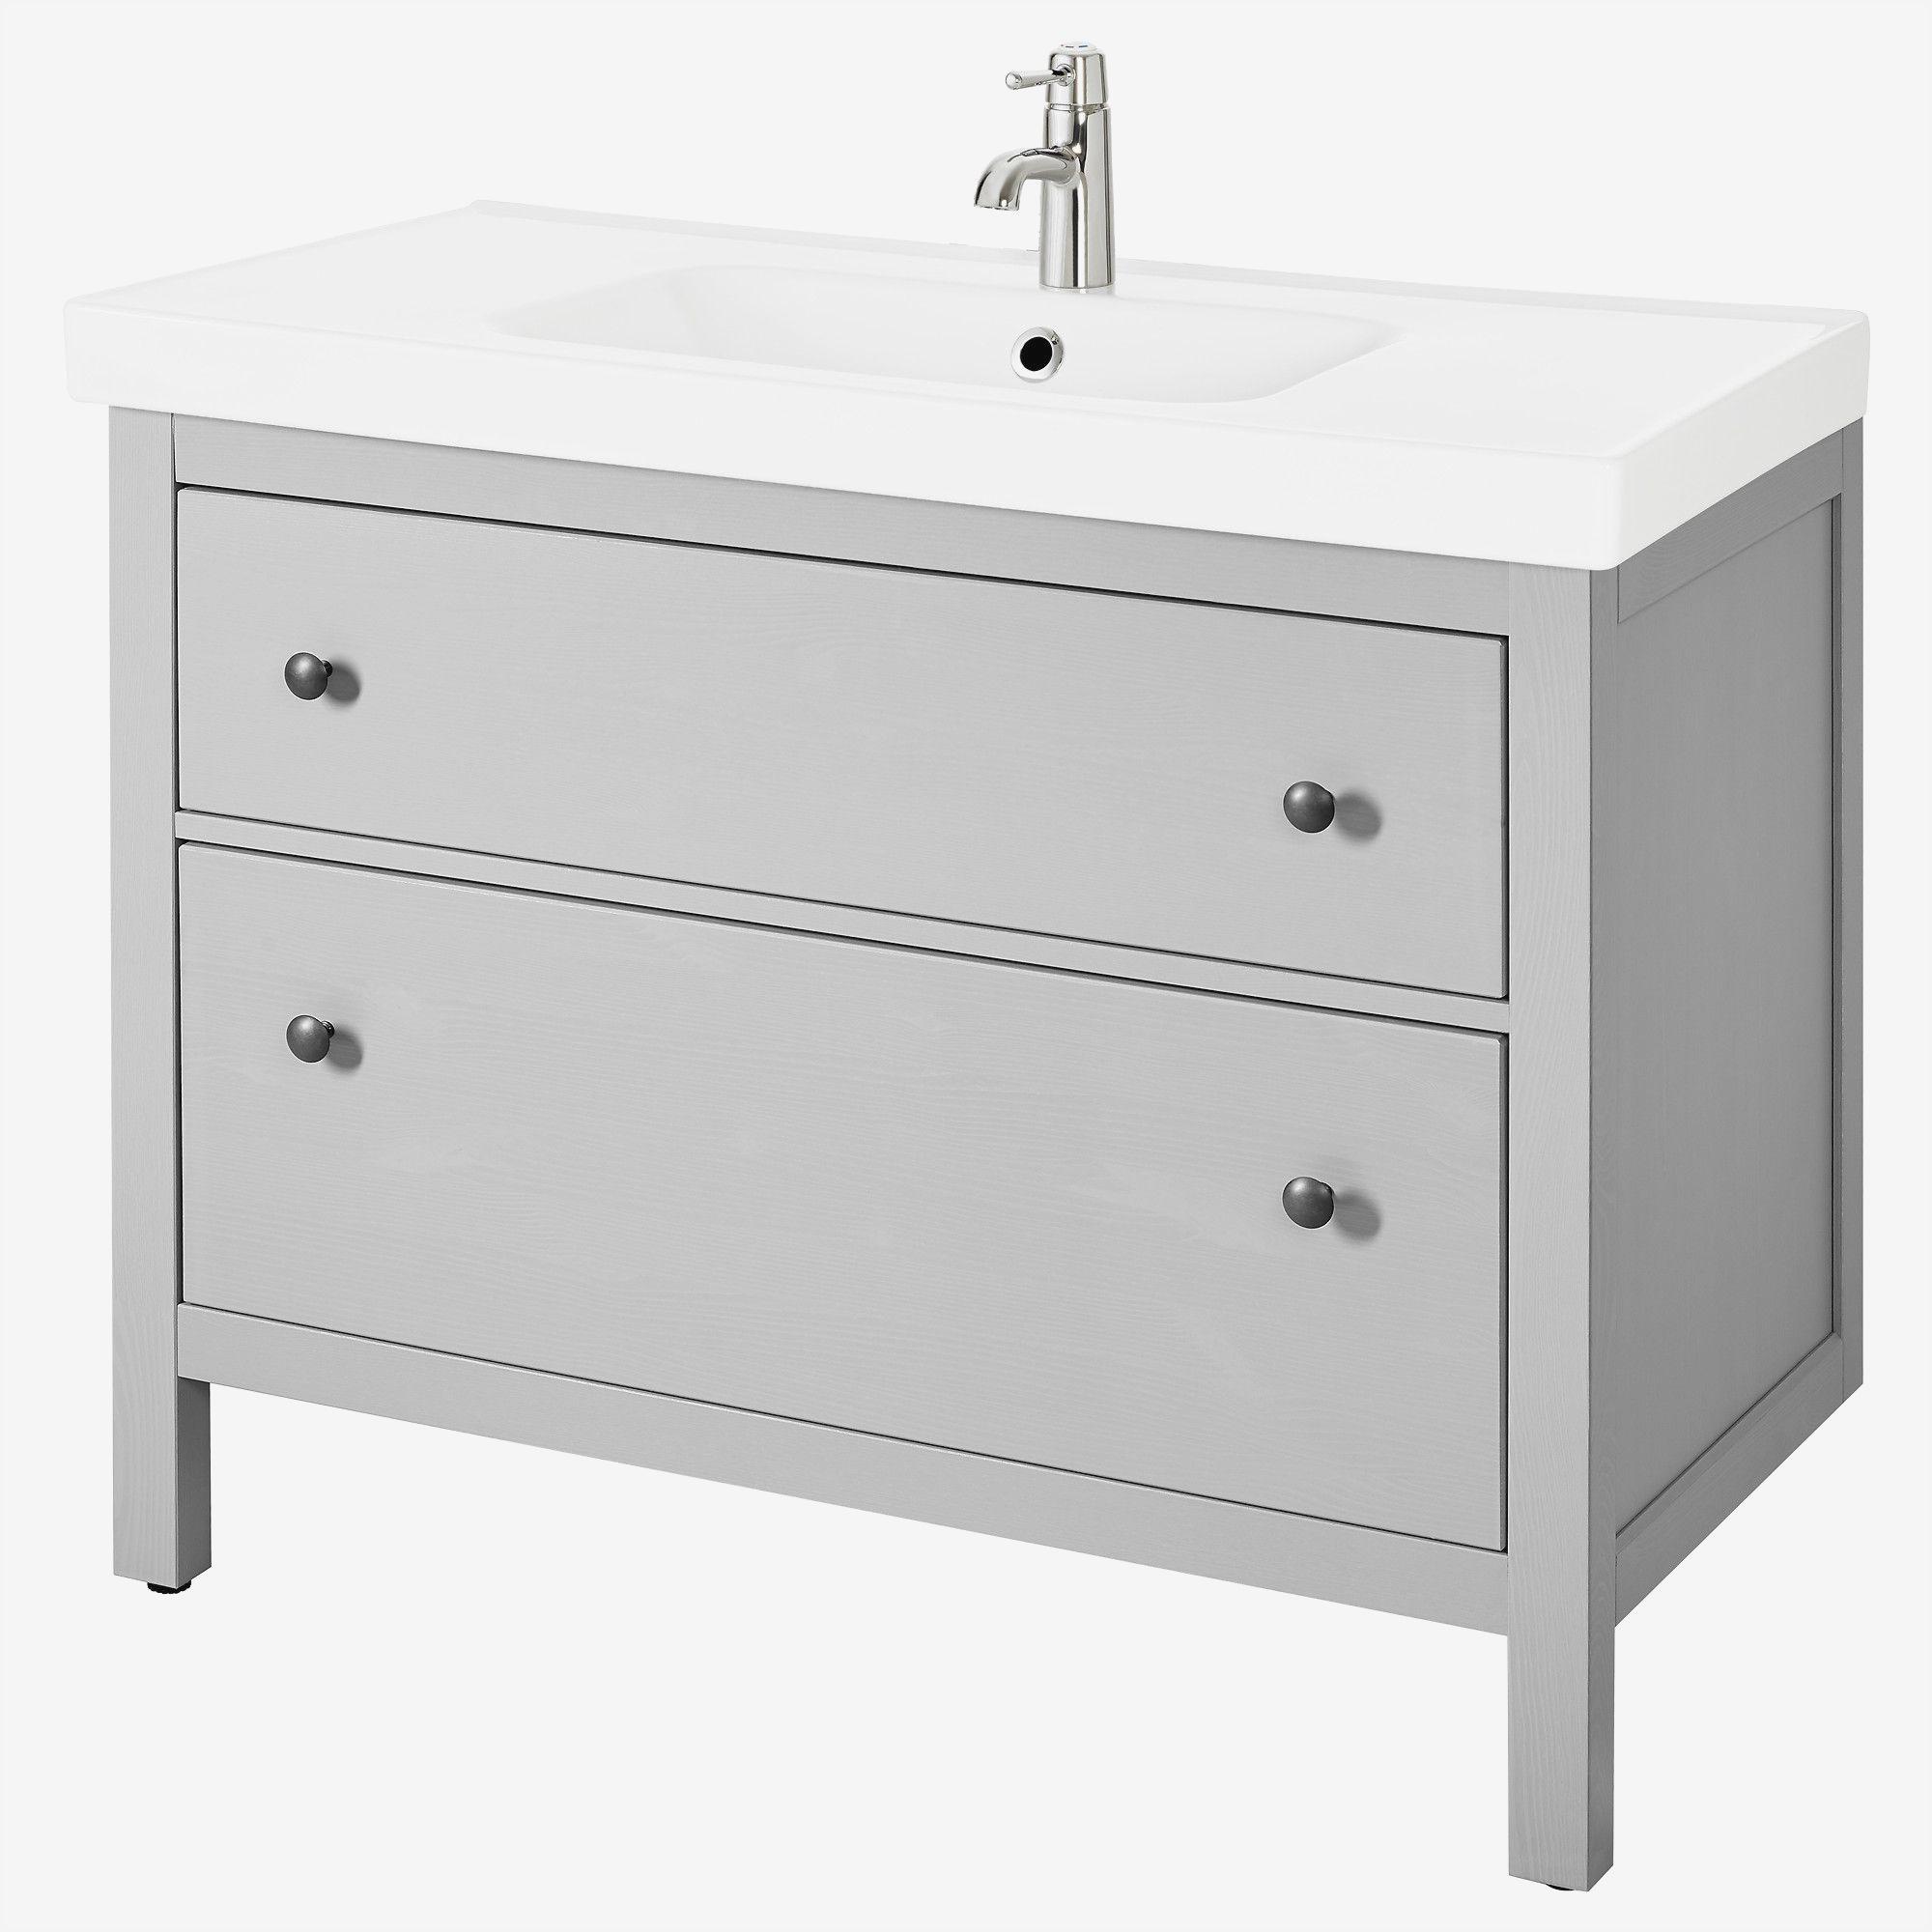 Full Size of Ikea Unterschrank Badezimmer Waschbecken Ankleidezimmer Sofa Mit Schlaffunktion Betten Bei Bad Holz 160x200 Küche Kosten Kaufen Modulküche Miniküche Wohnzimmer Ikea Unterschrank